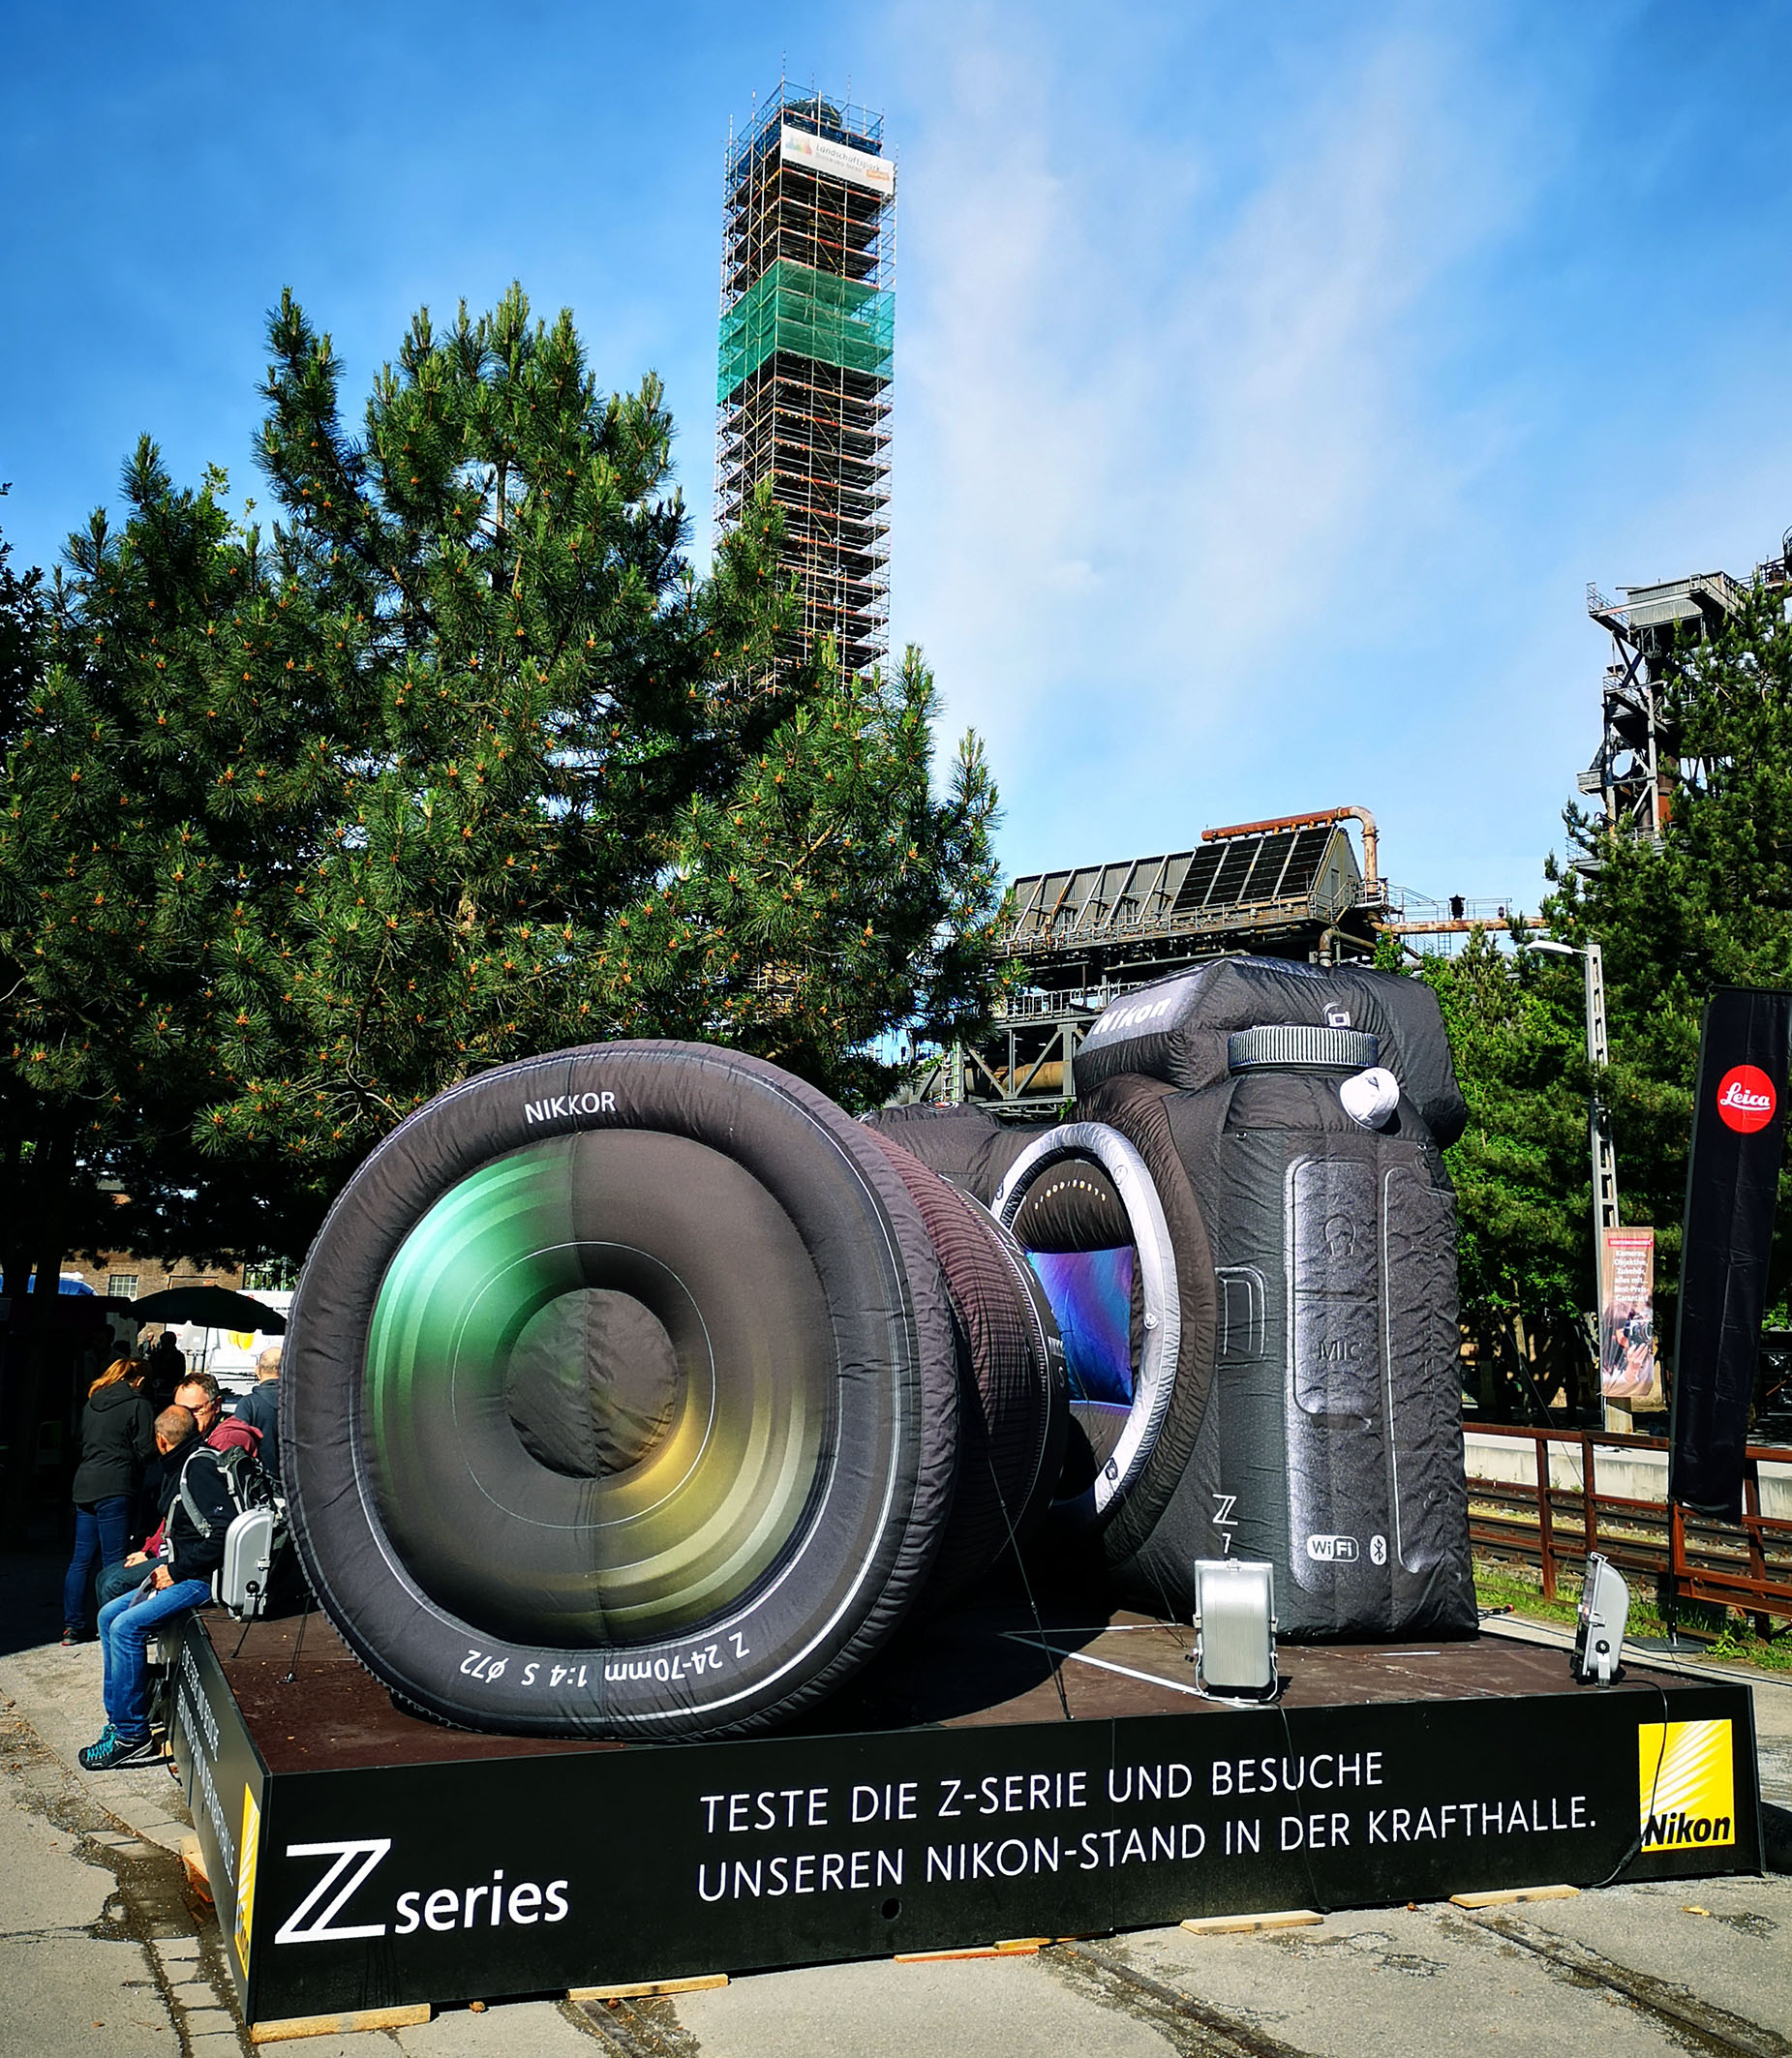 Photo und Abenteuer. Nikon war mit einem großen Stand vertreten, um die neue Z-Serie vorzustellen. Foto: Michael B. Rehders